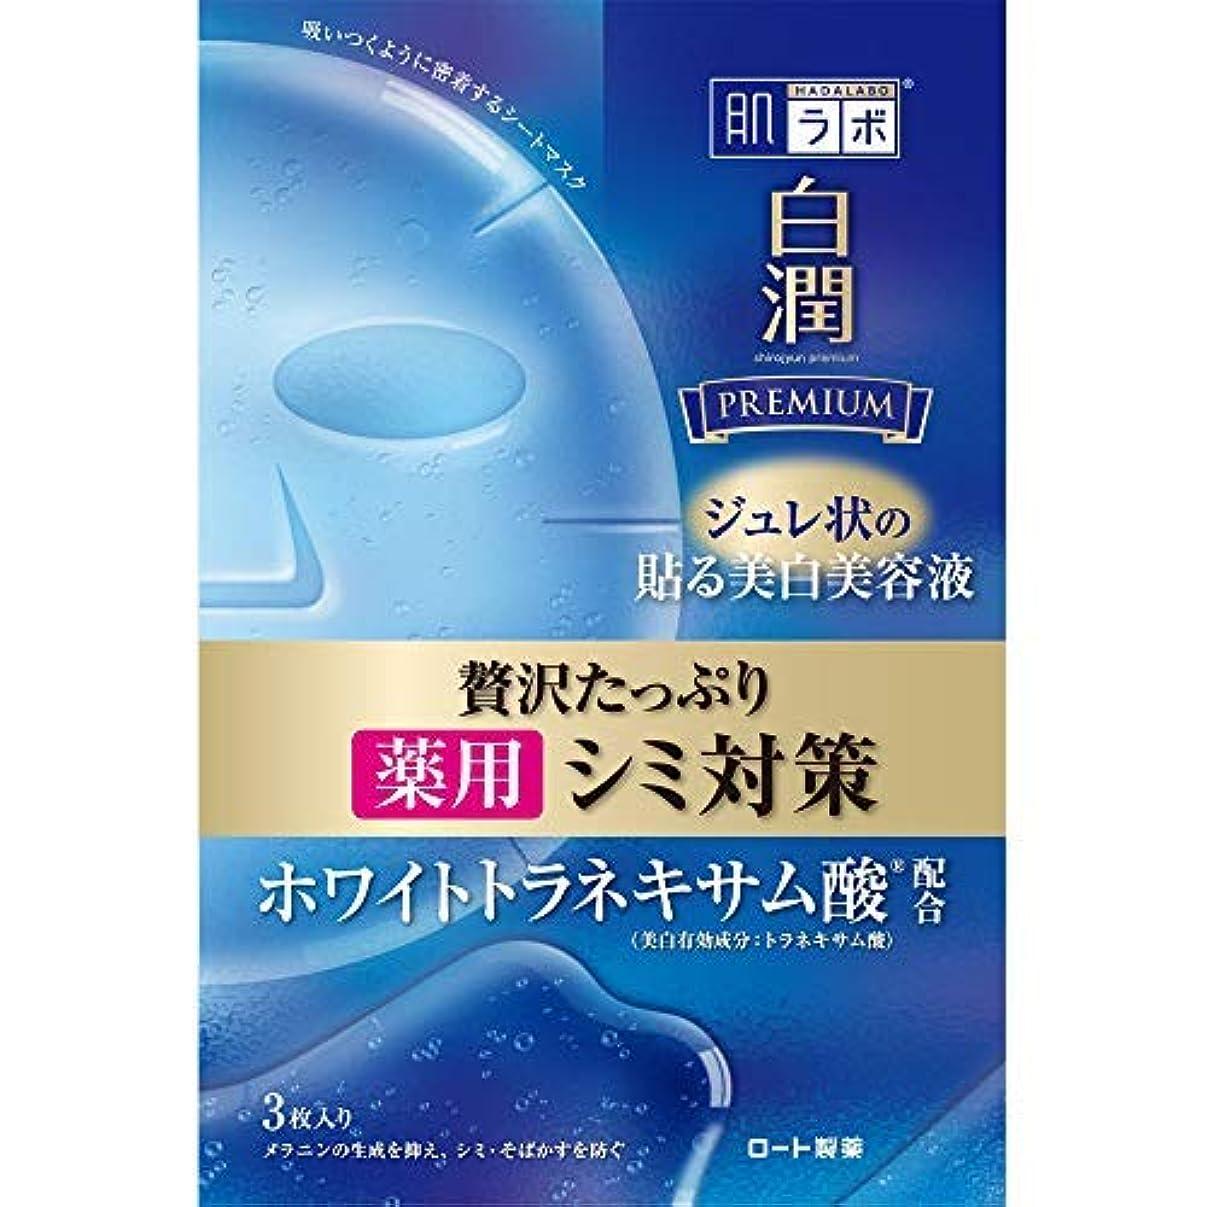 能力キャッチリフト肌ラボ 白潤プレミアム 薬用浸透美白ジュレマスク × 10個セット